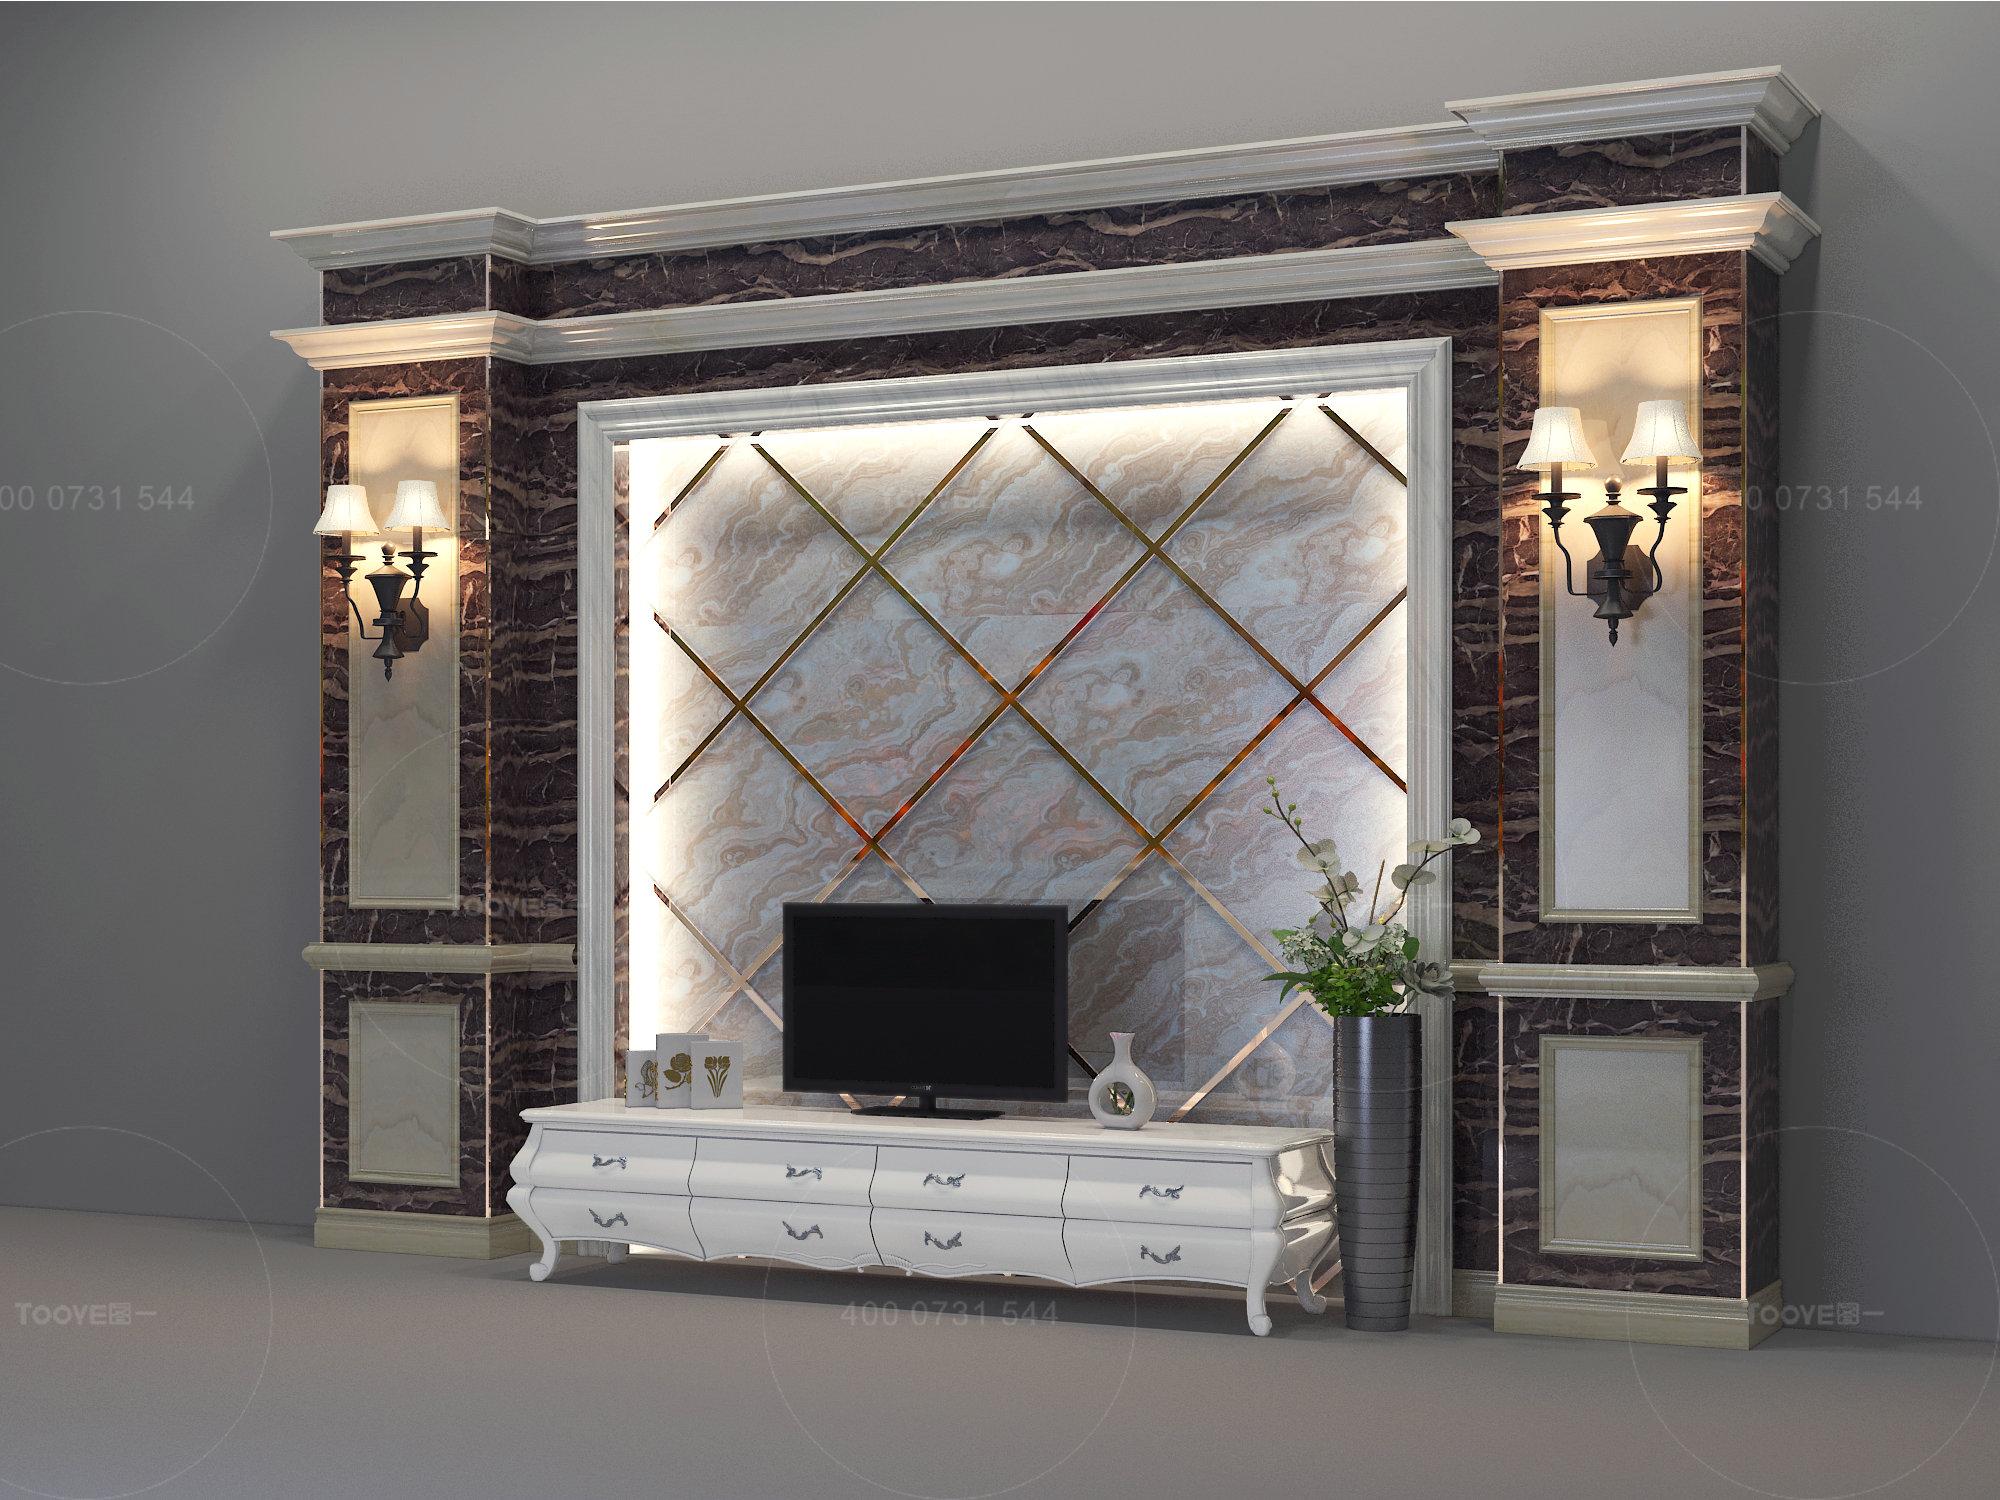 图一新型电视背景墙UV板仿大理石纳米微晶石